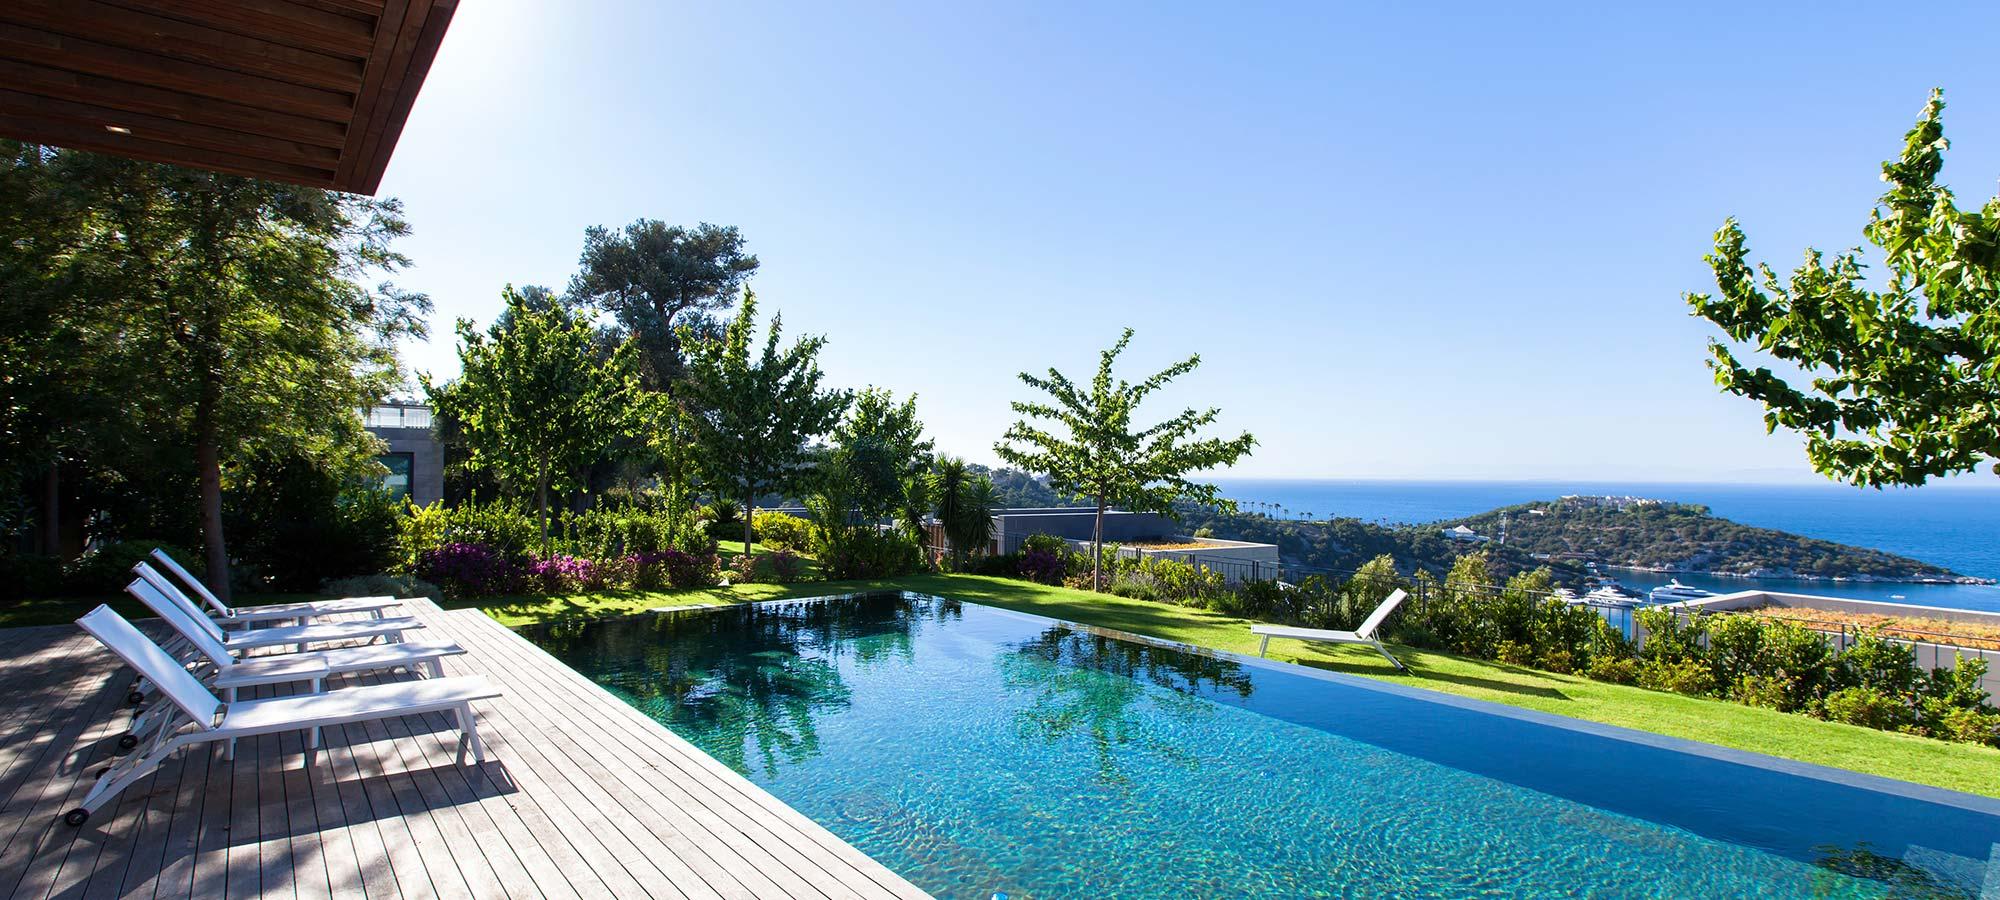 Villa Sea Lounge Göltürkbükü